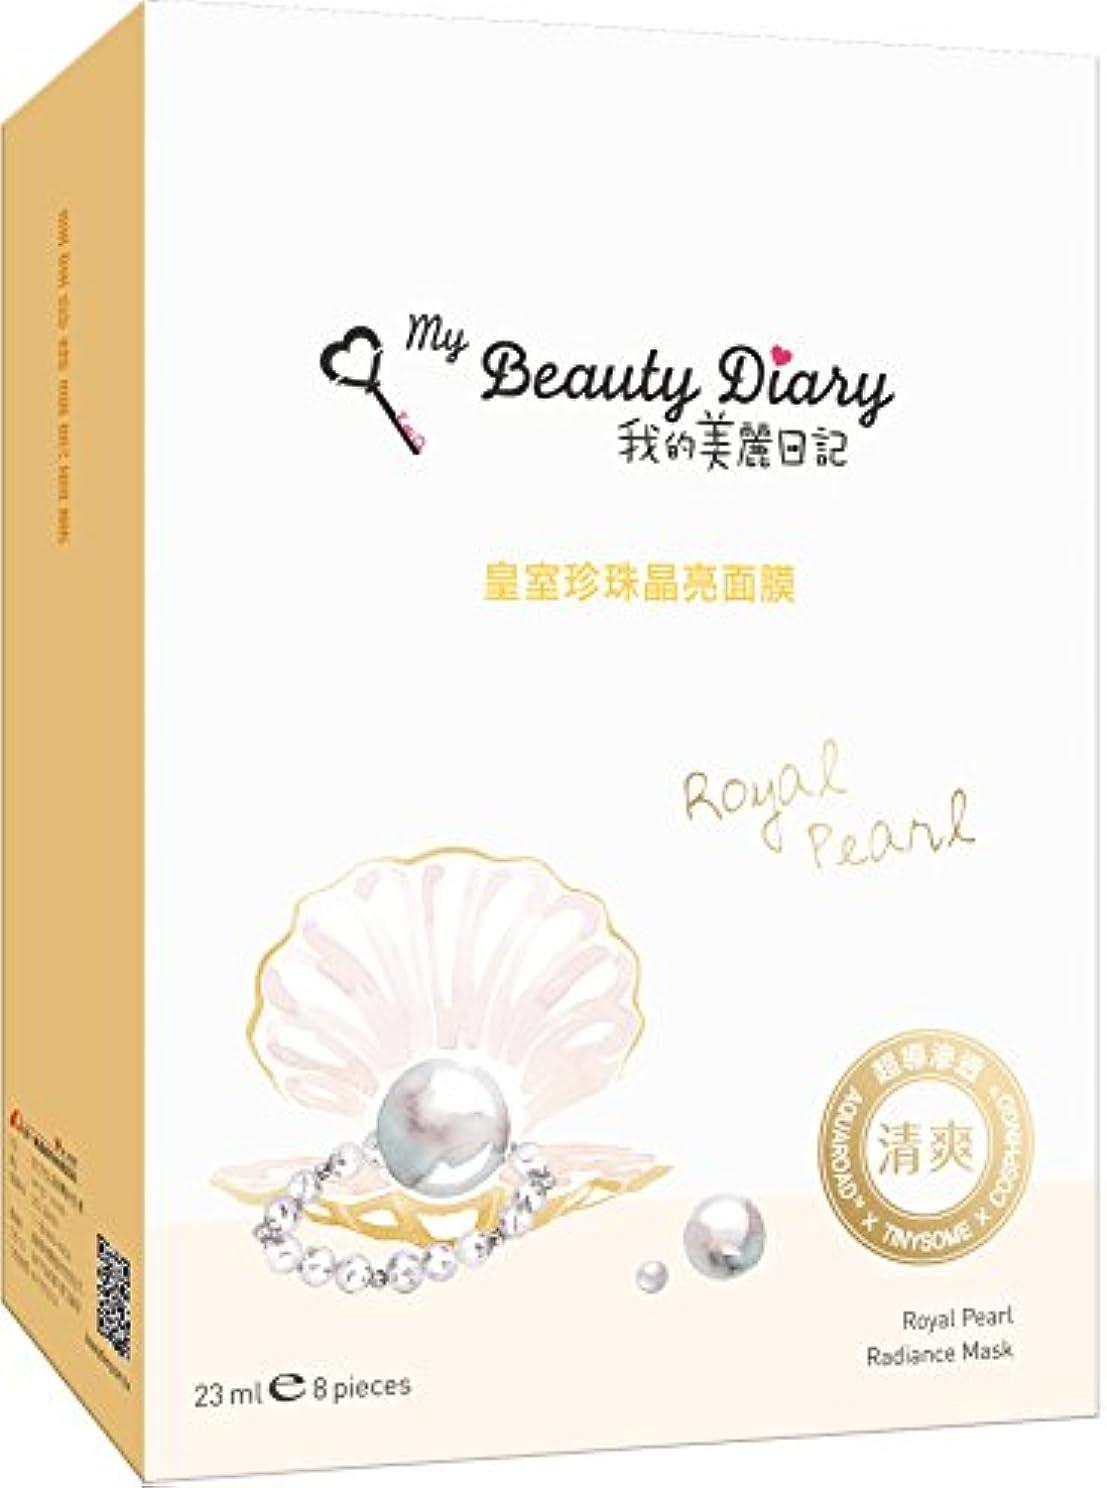 消費する中毒ライバル《我的美麗日記》 私のきれい日記 ロイヤルパールマスク 8枚入り 《台湾 お土産》 [並行輸入品]